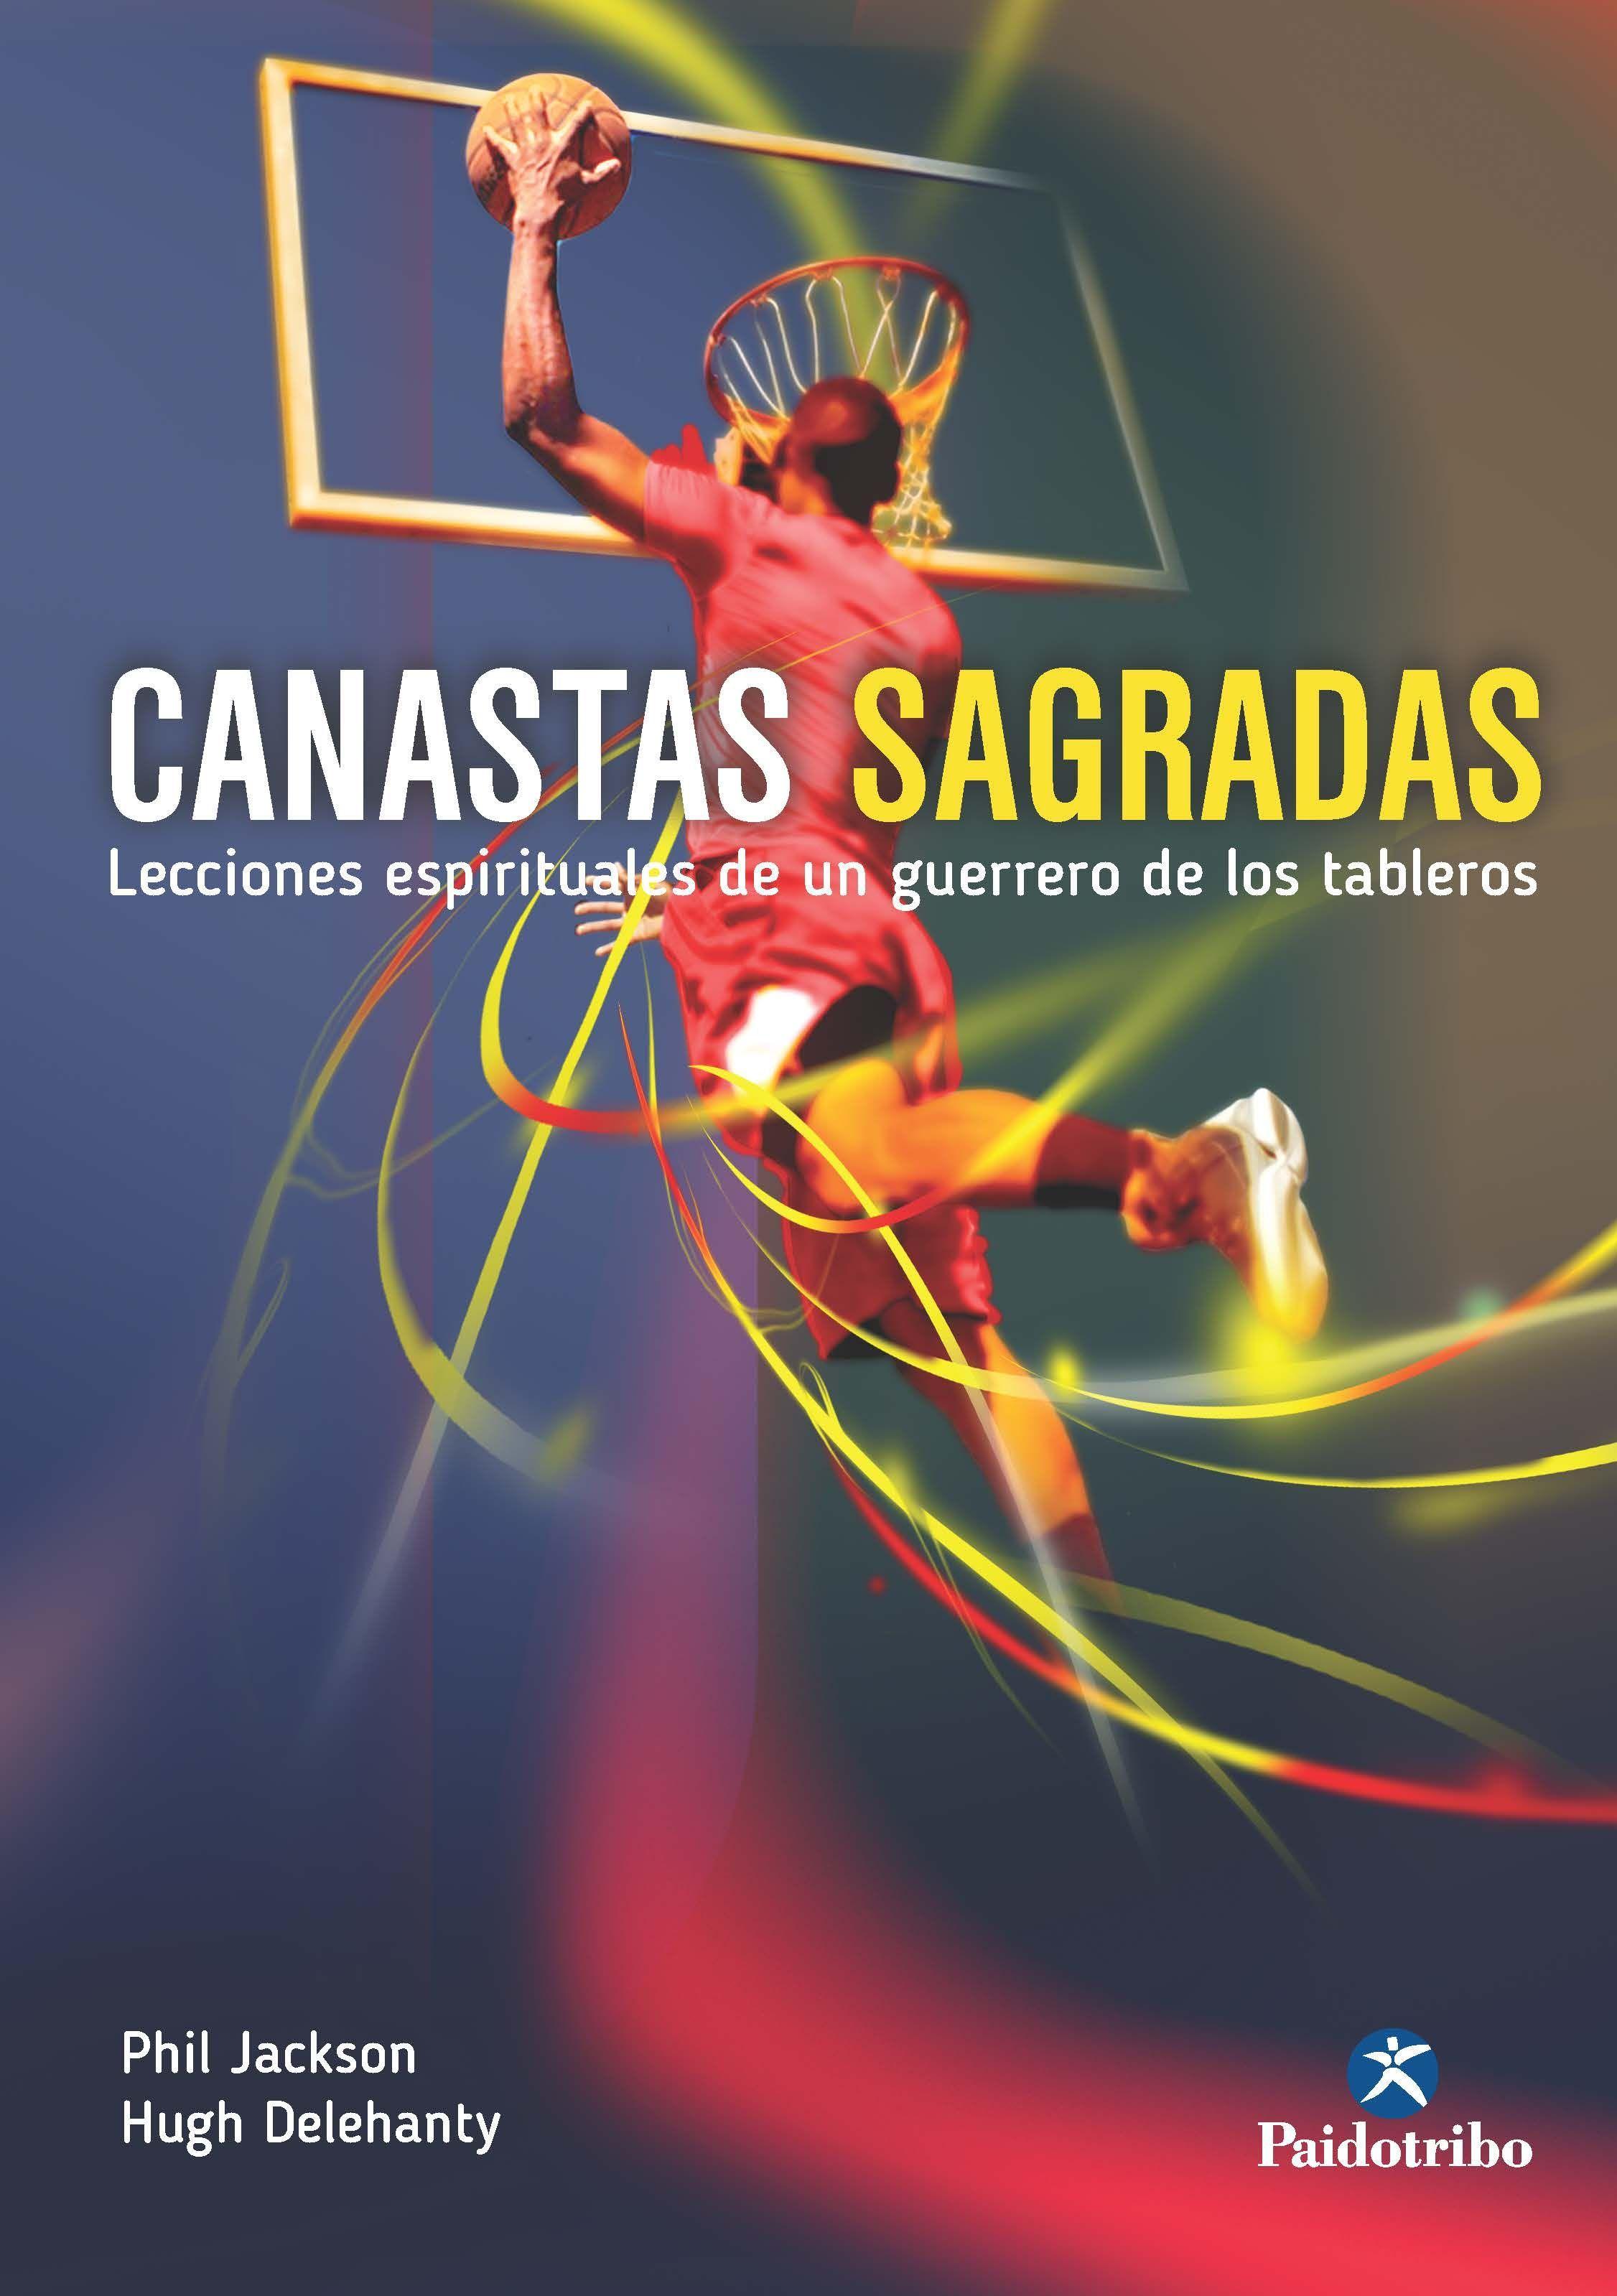 CANASTAS SAGRADAS: LECCIONES ESPIRITUALES DE UN GUERRERO DEL BALONCEST